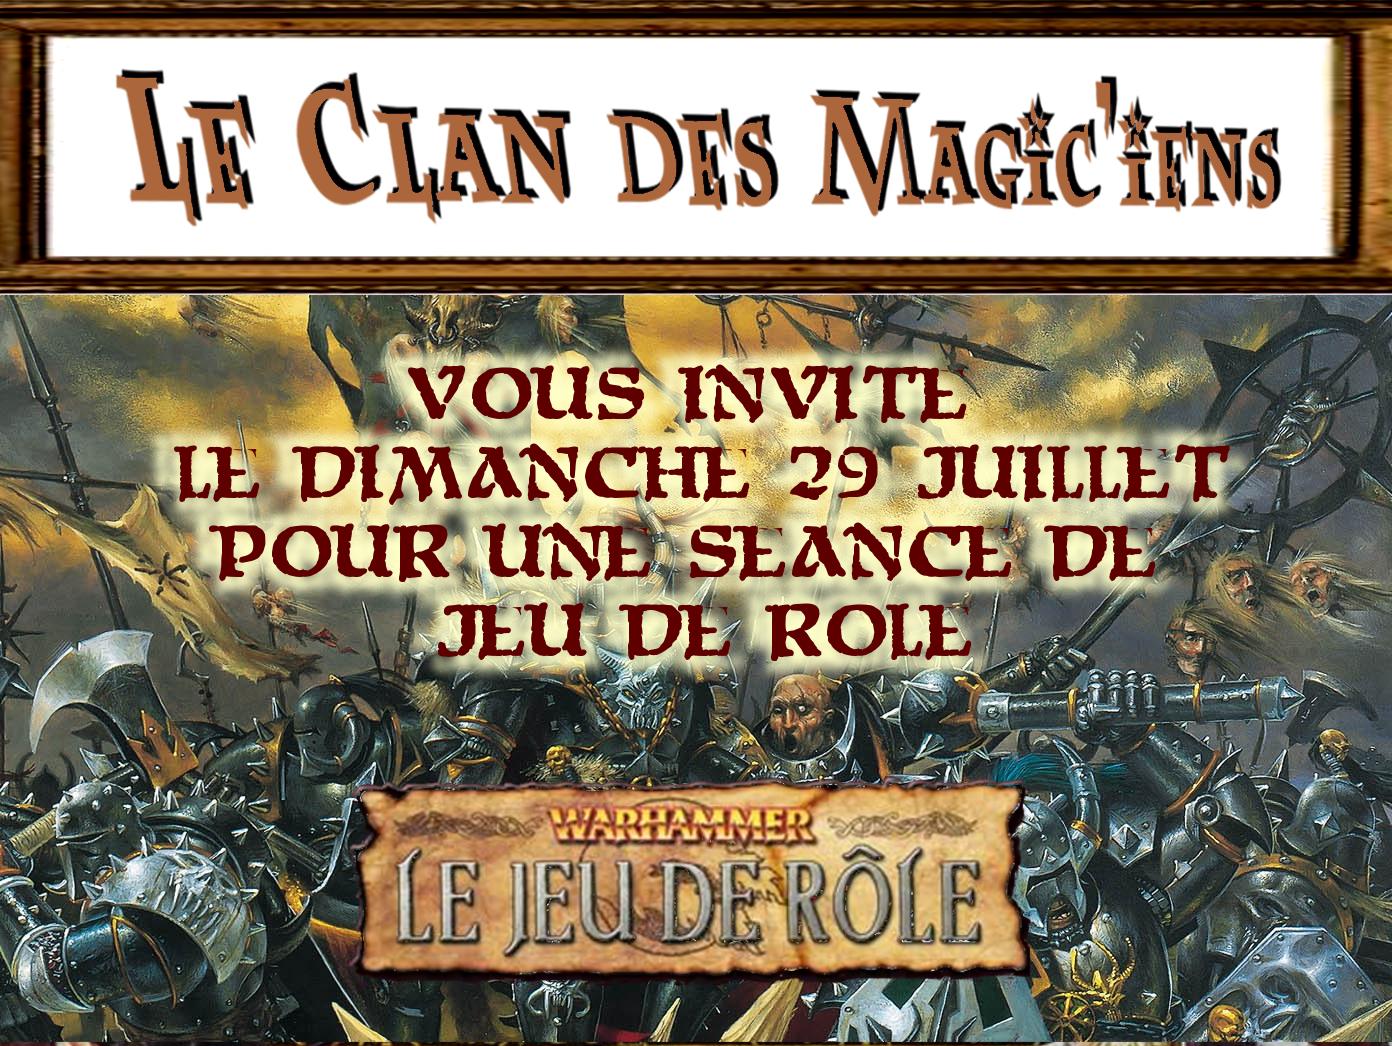 Dimanche 29 Juillet : Jeu de rôle (Warhammer) à partir de 14 h O51ox